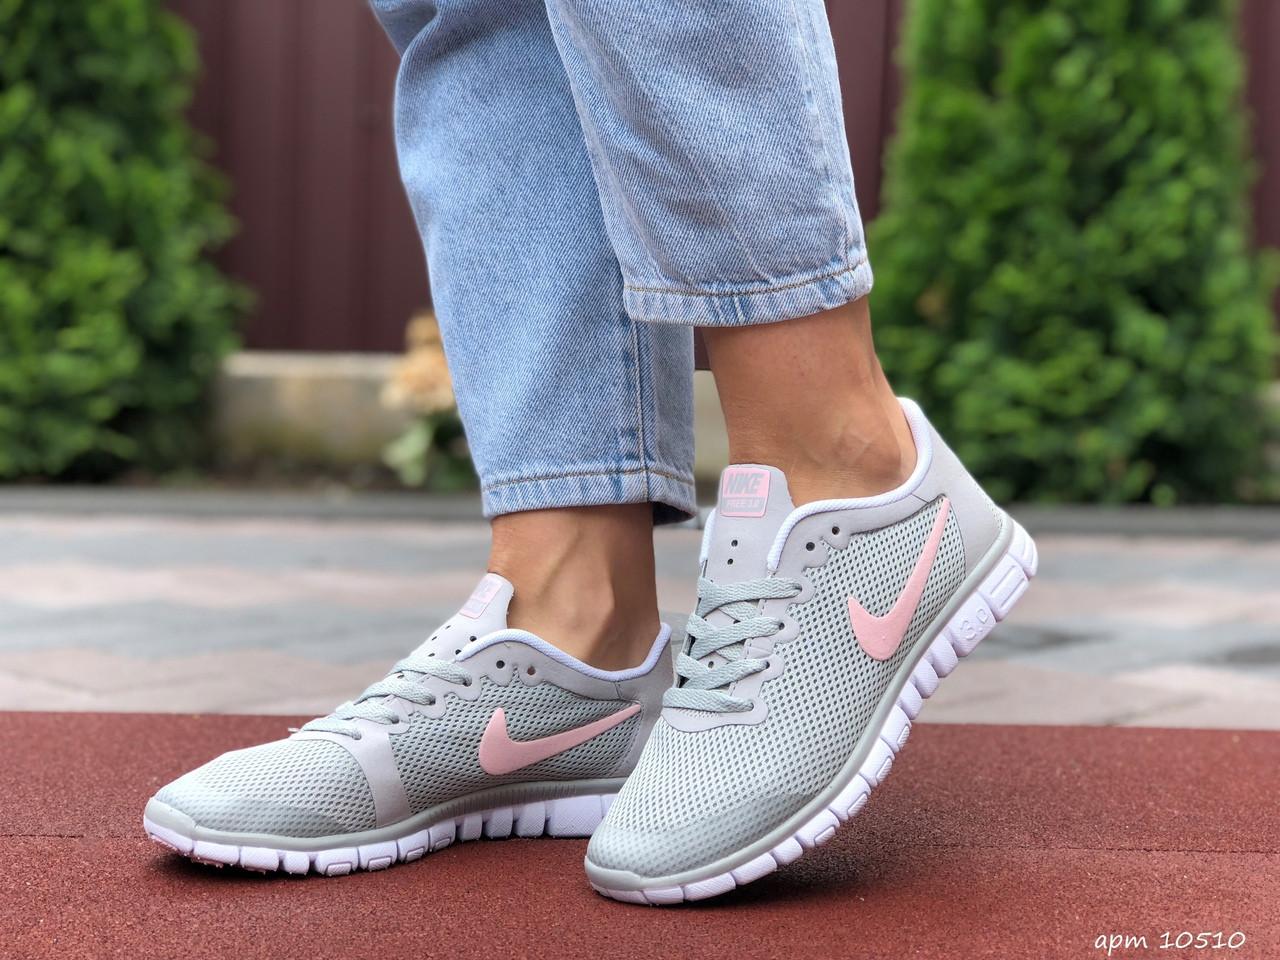 Женские летние, легкие кроссовки Nike Free Run 3.0 серые